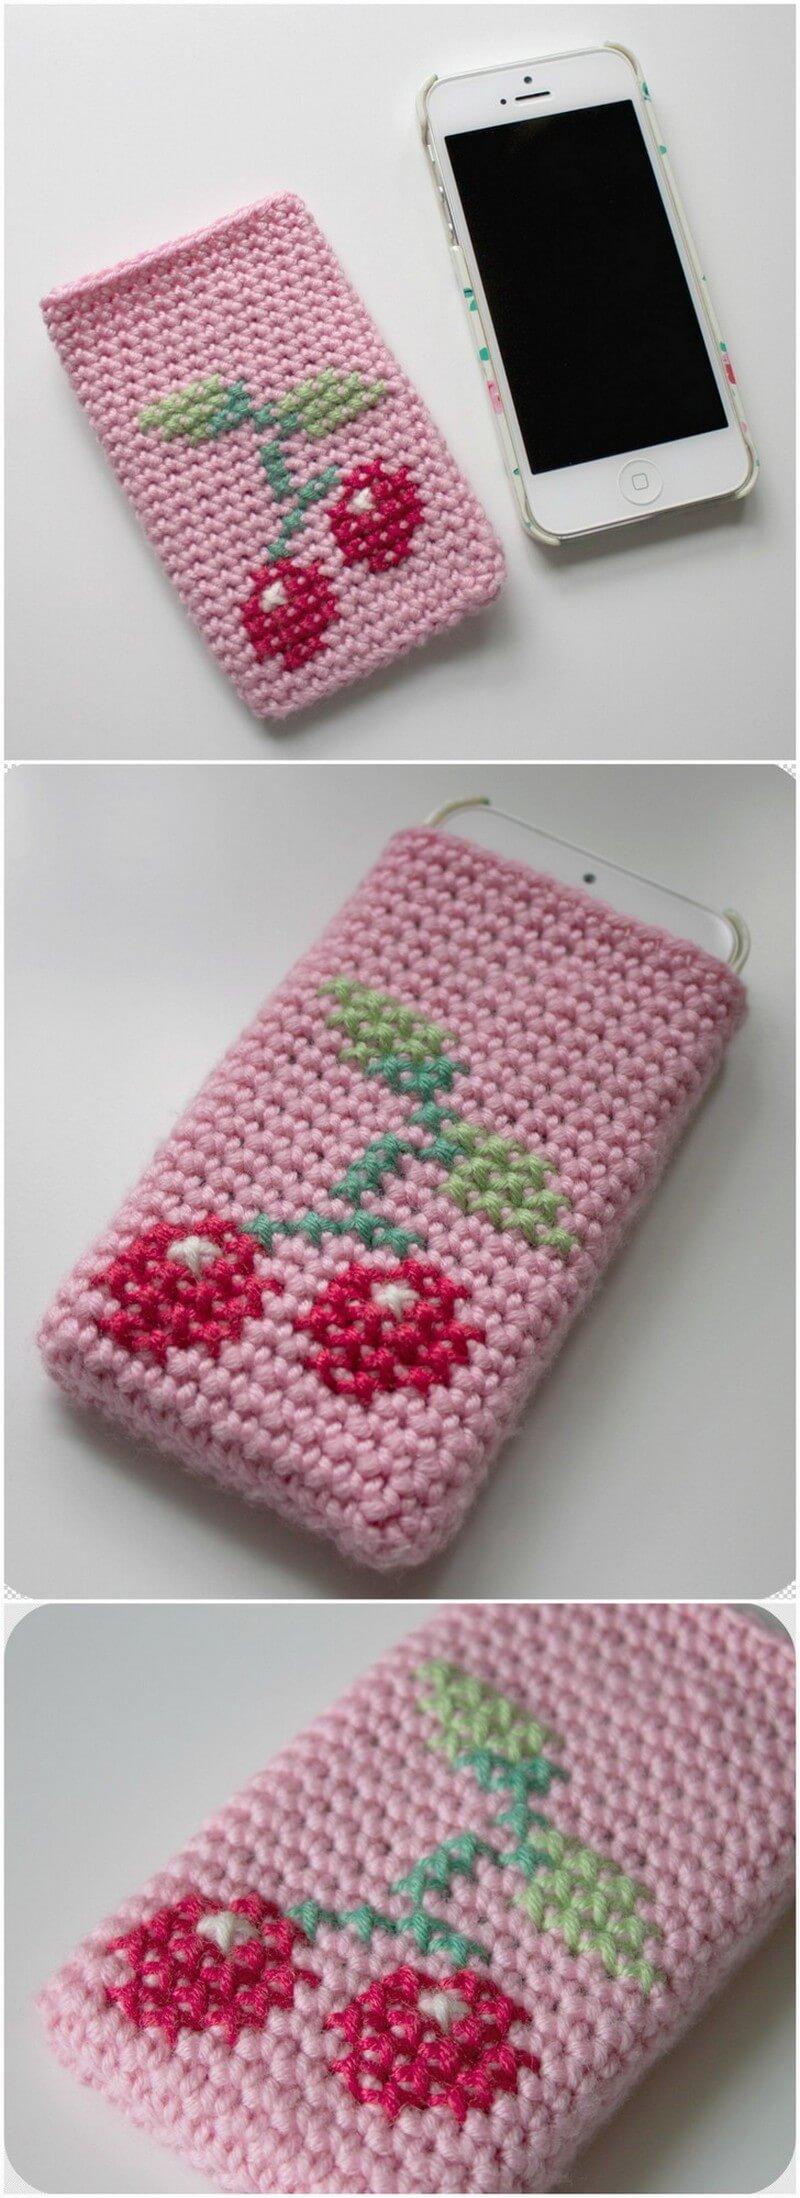 Crochet Mobile Cover Pattern (3)